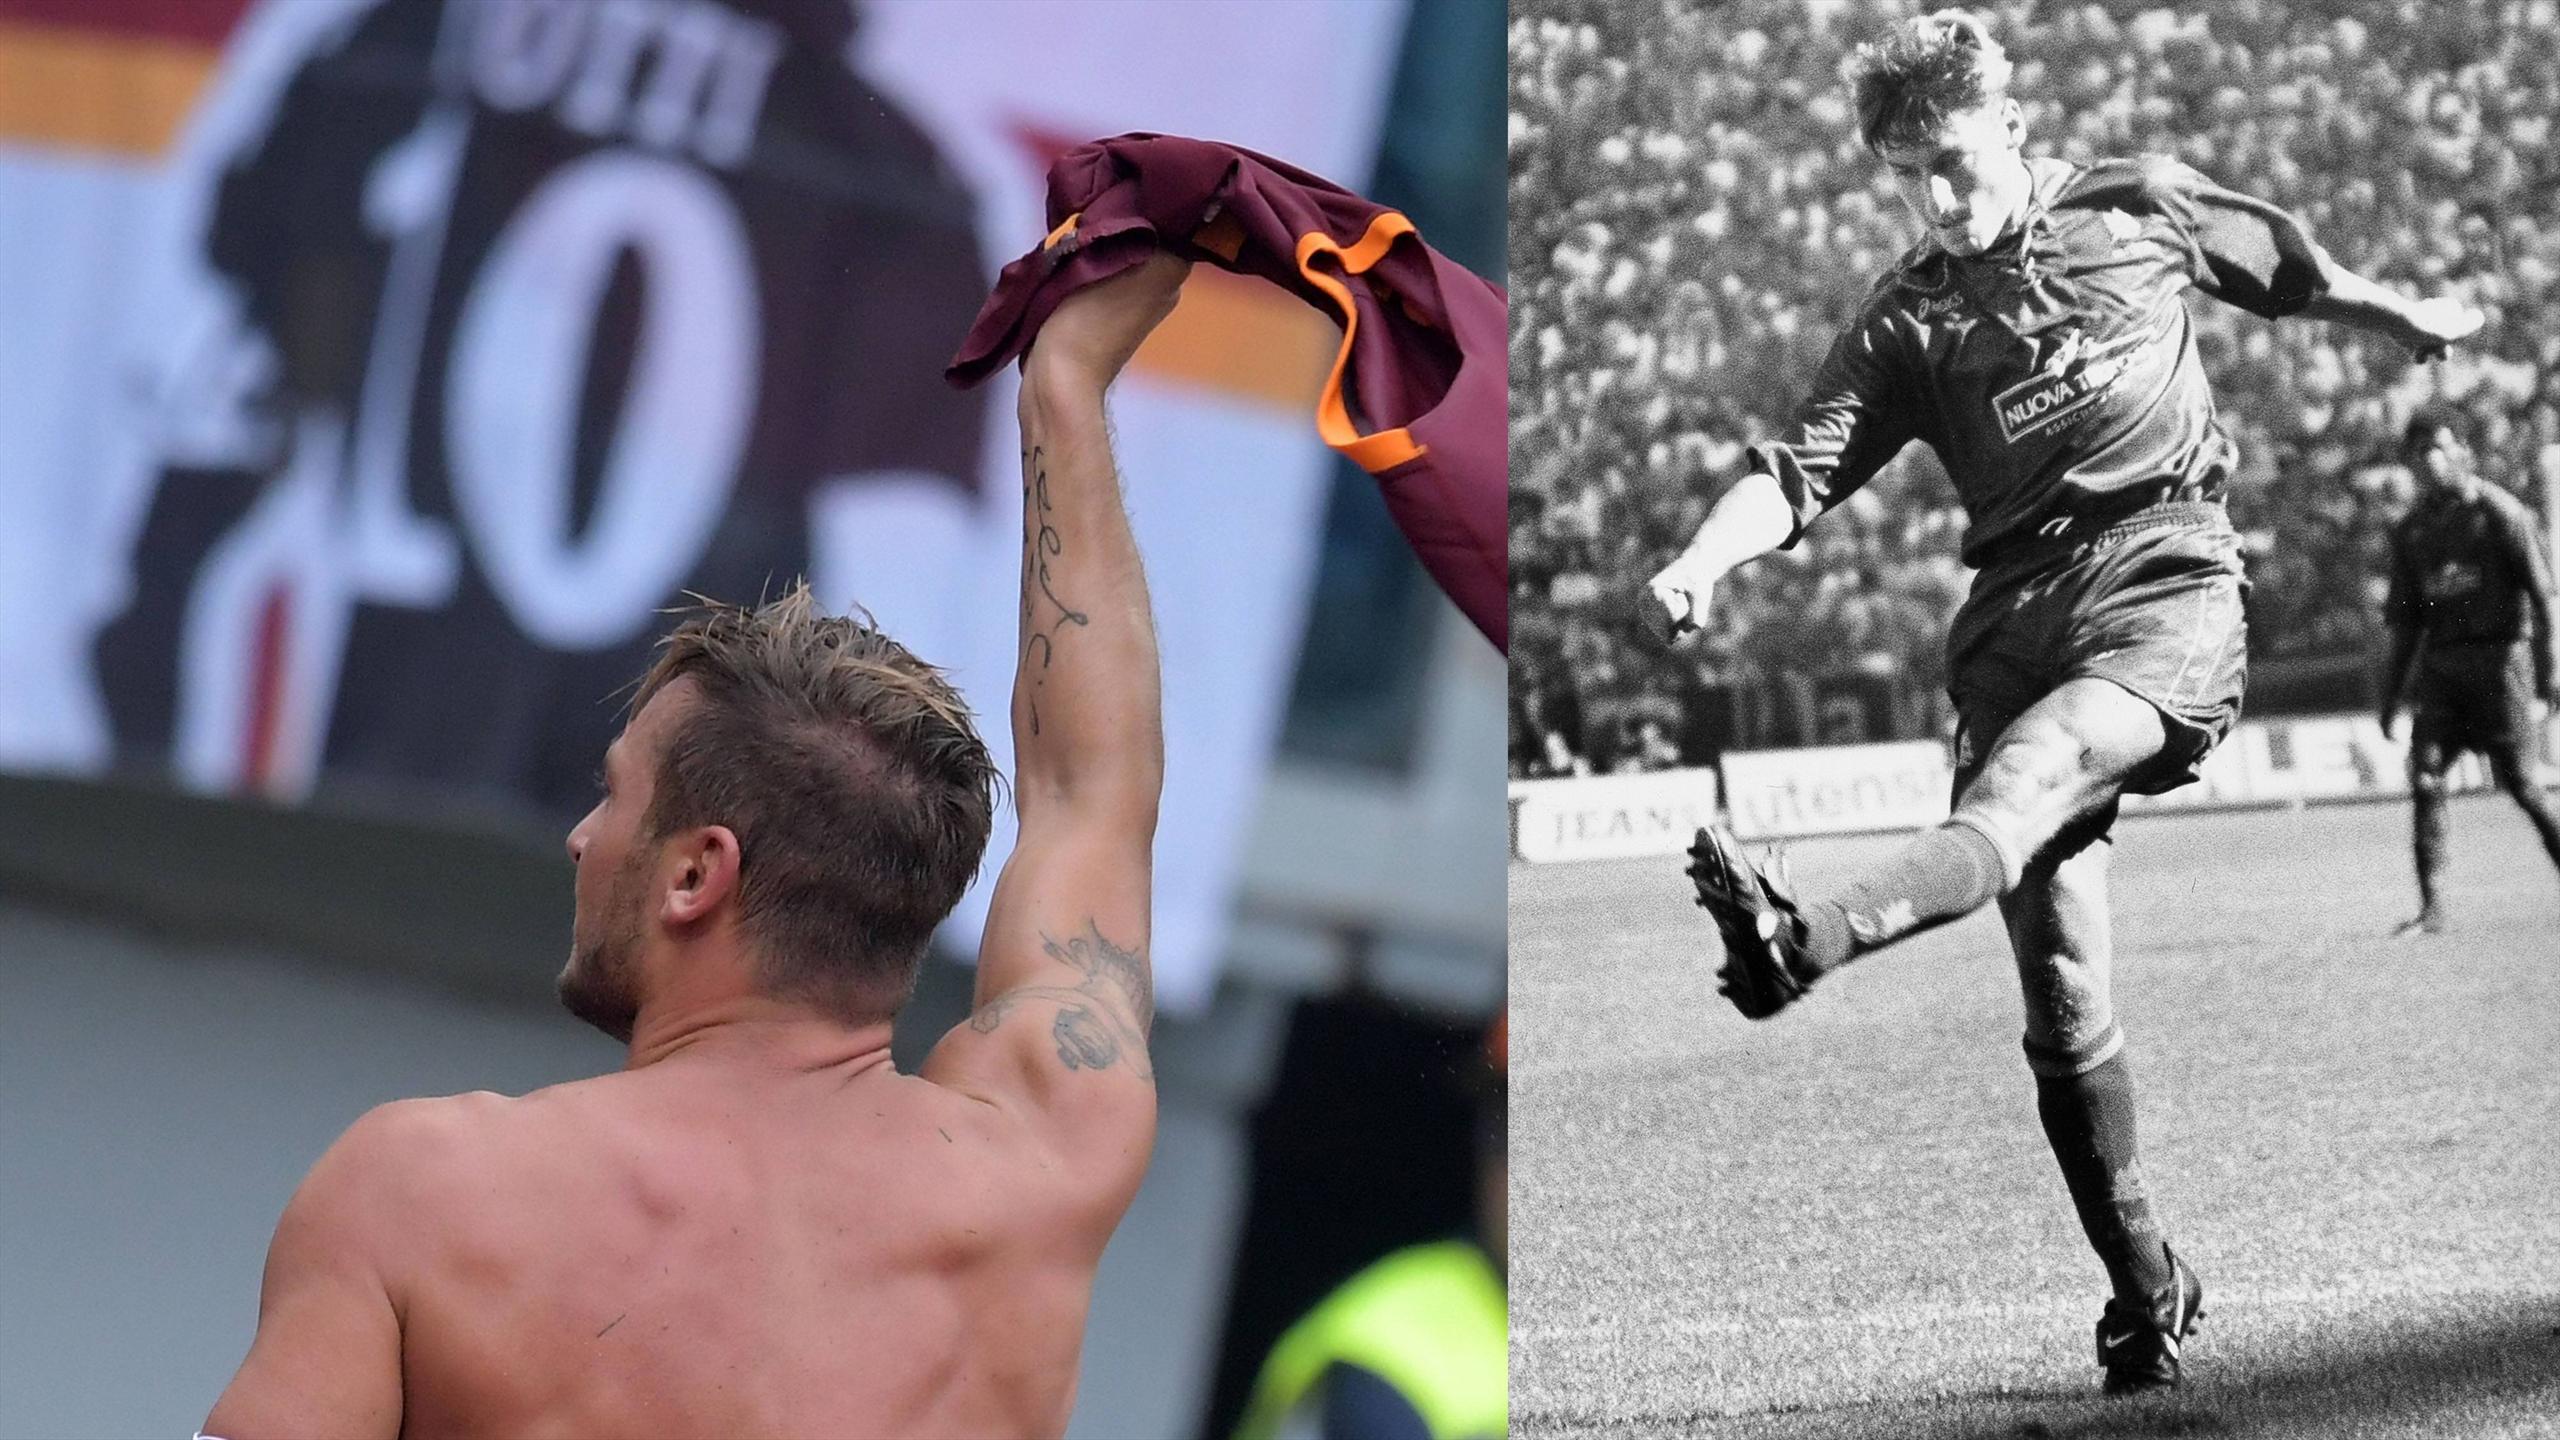 Francesco Totti - A true legend of the game